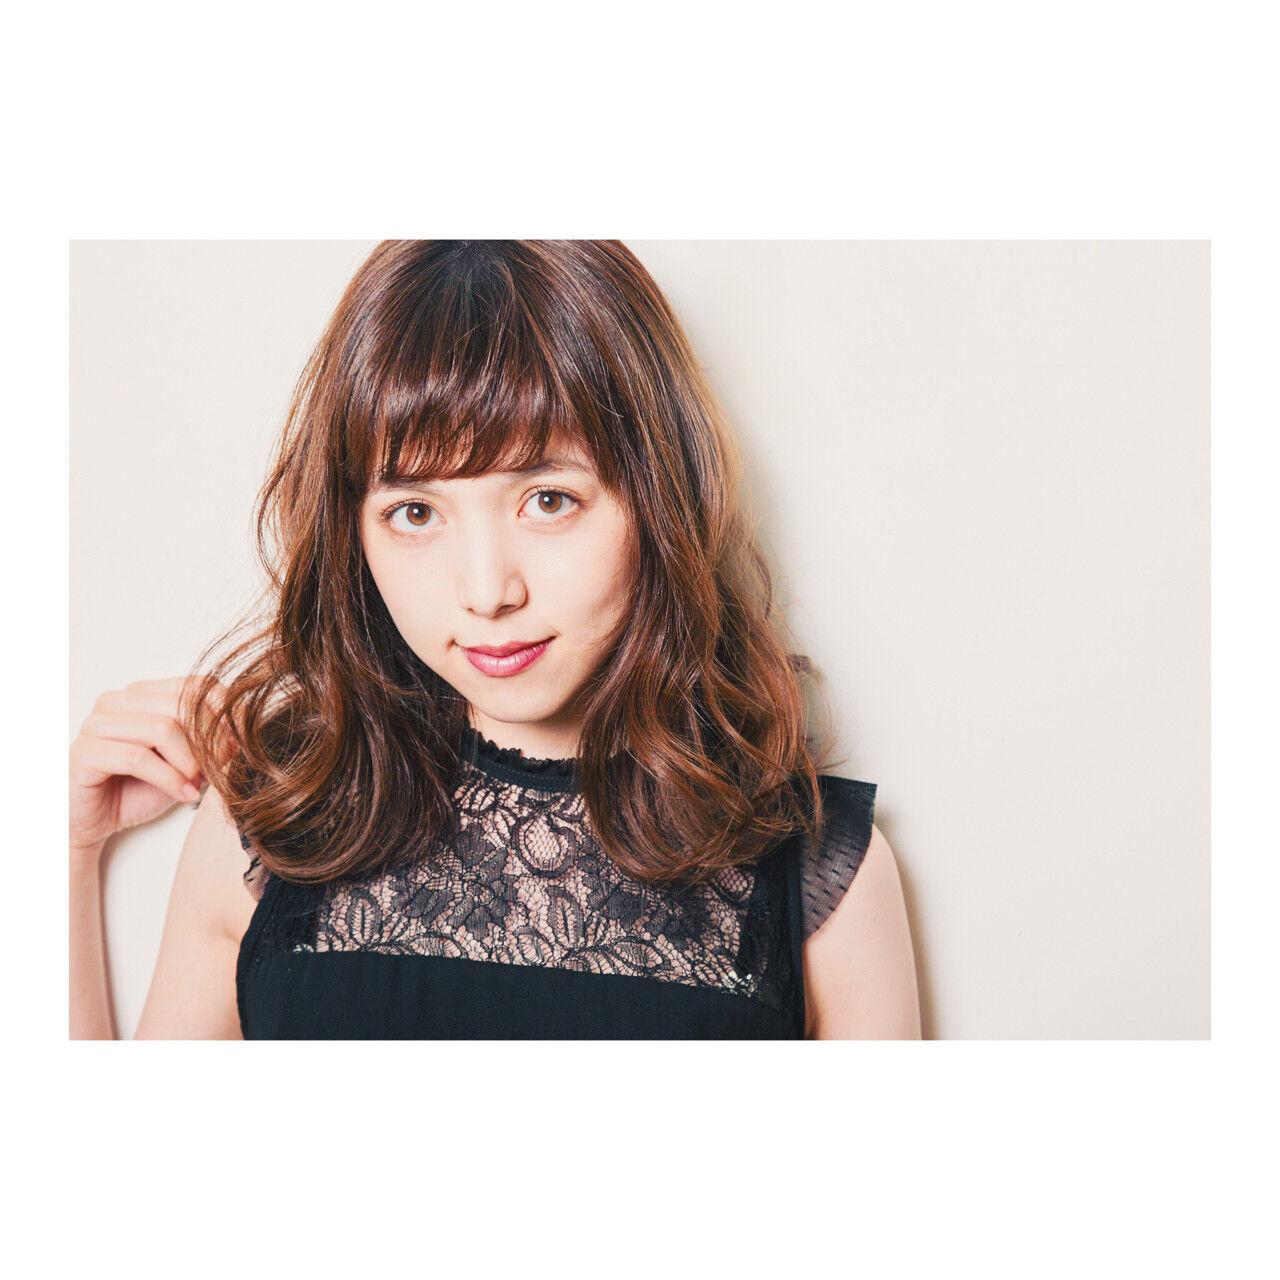 モード デジタルパーマ セミロング 暗髪ヘアスタイルや髪型の写真・画像